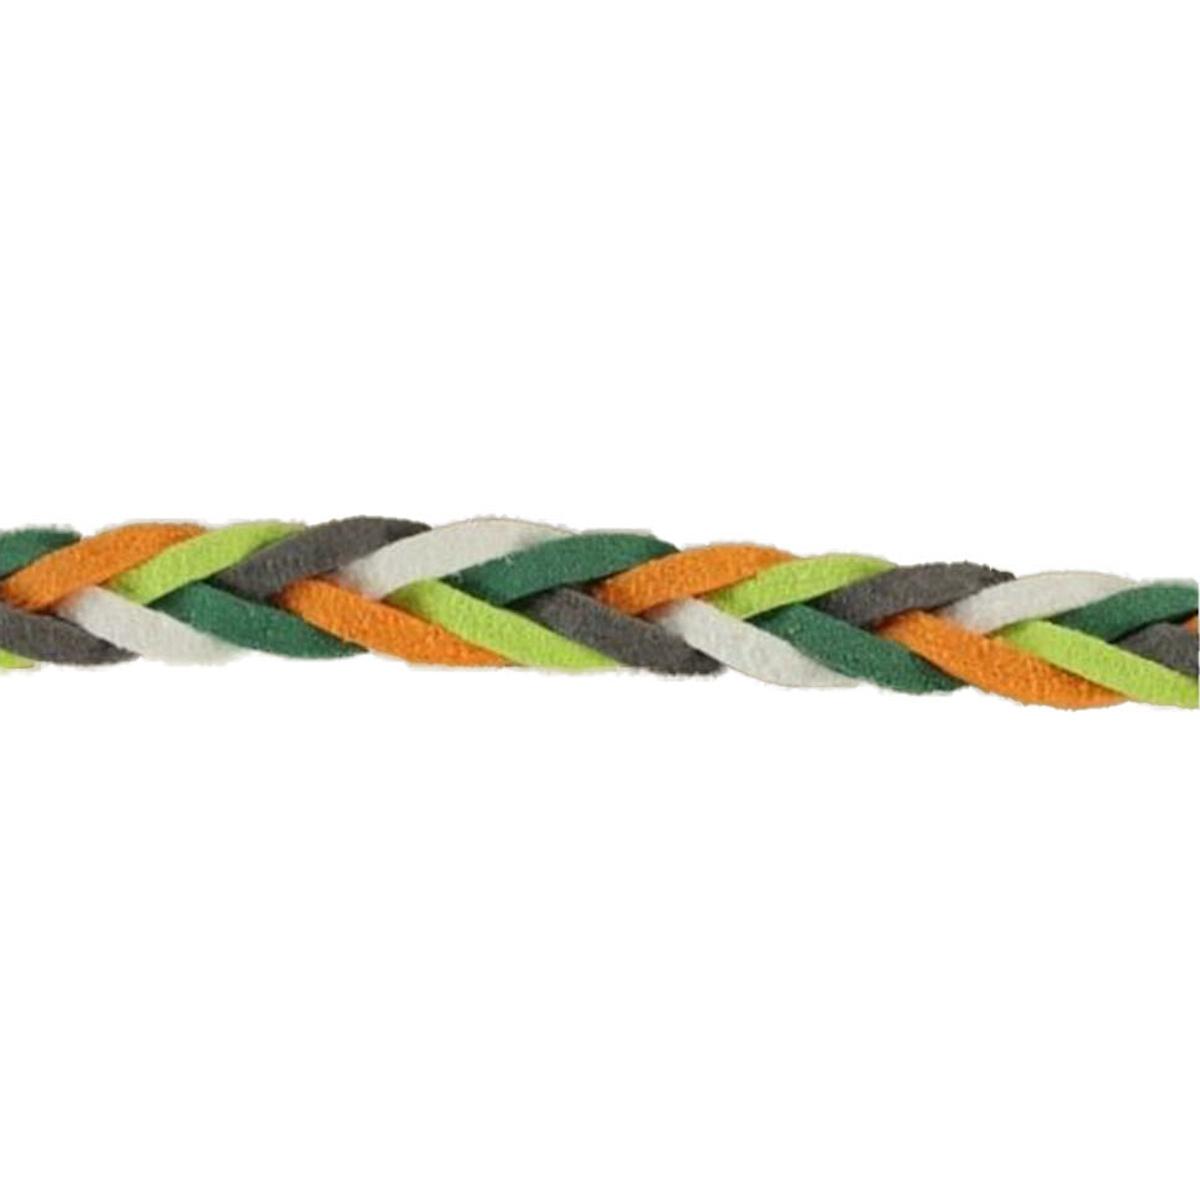 Geflochtenes Hoodieband Farbmix, orange ,grün, ...